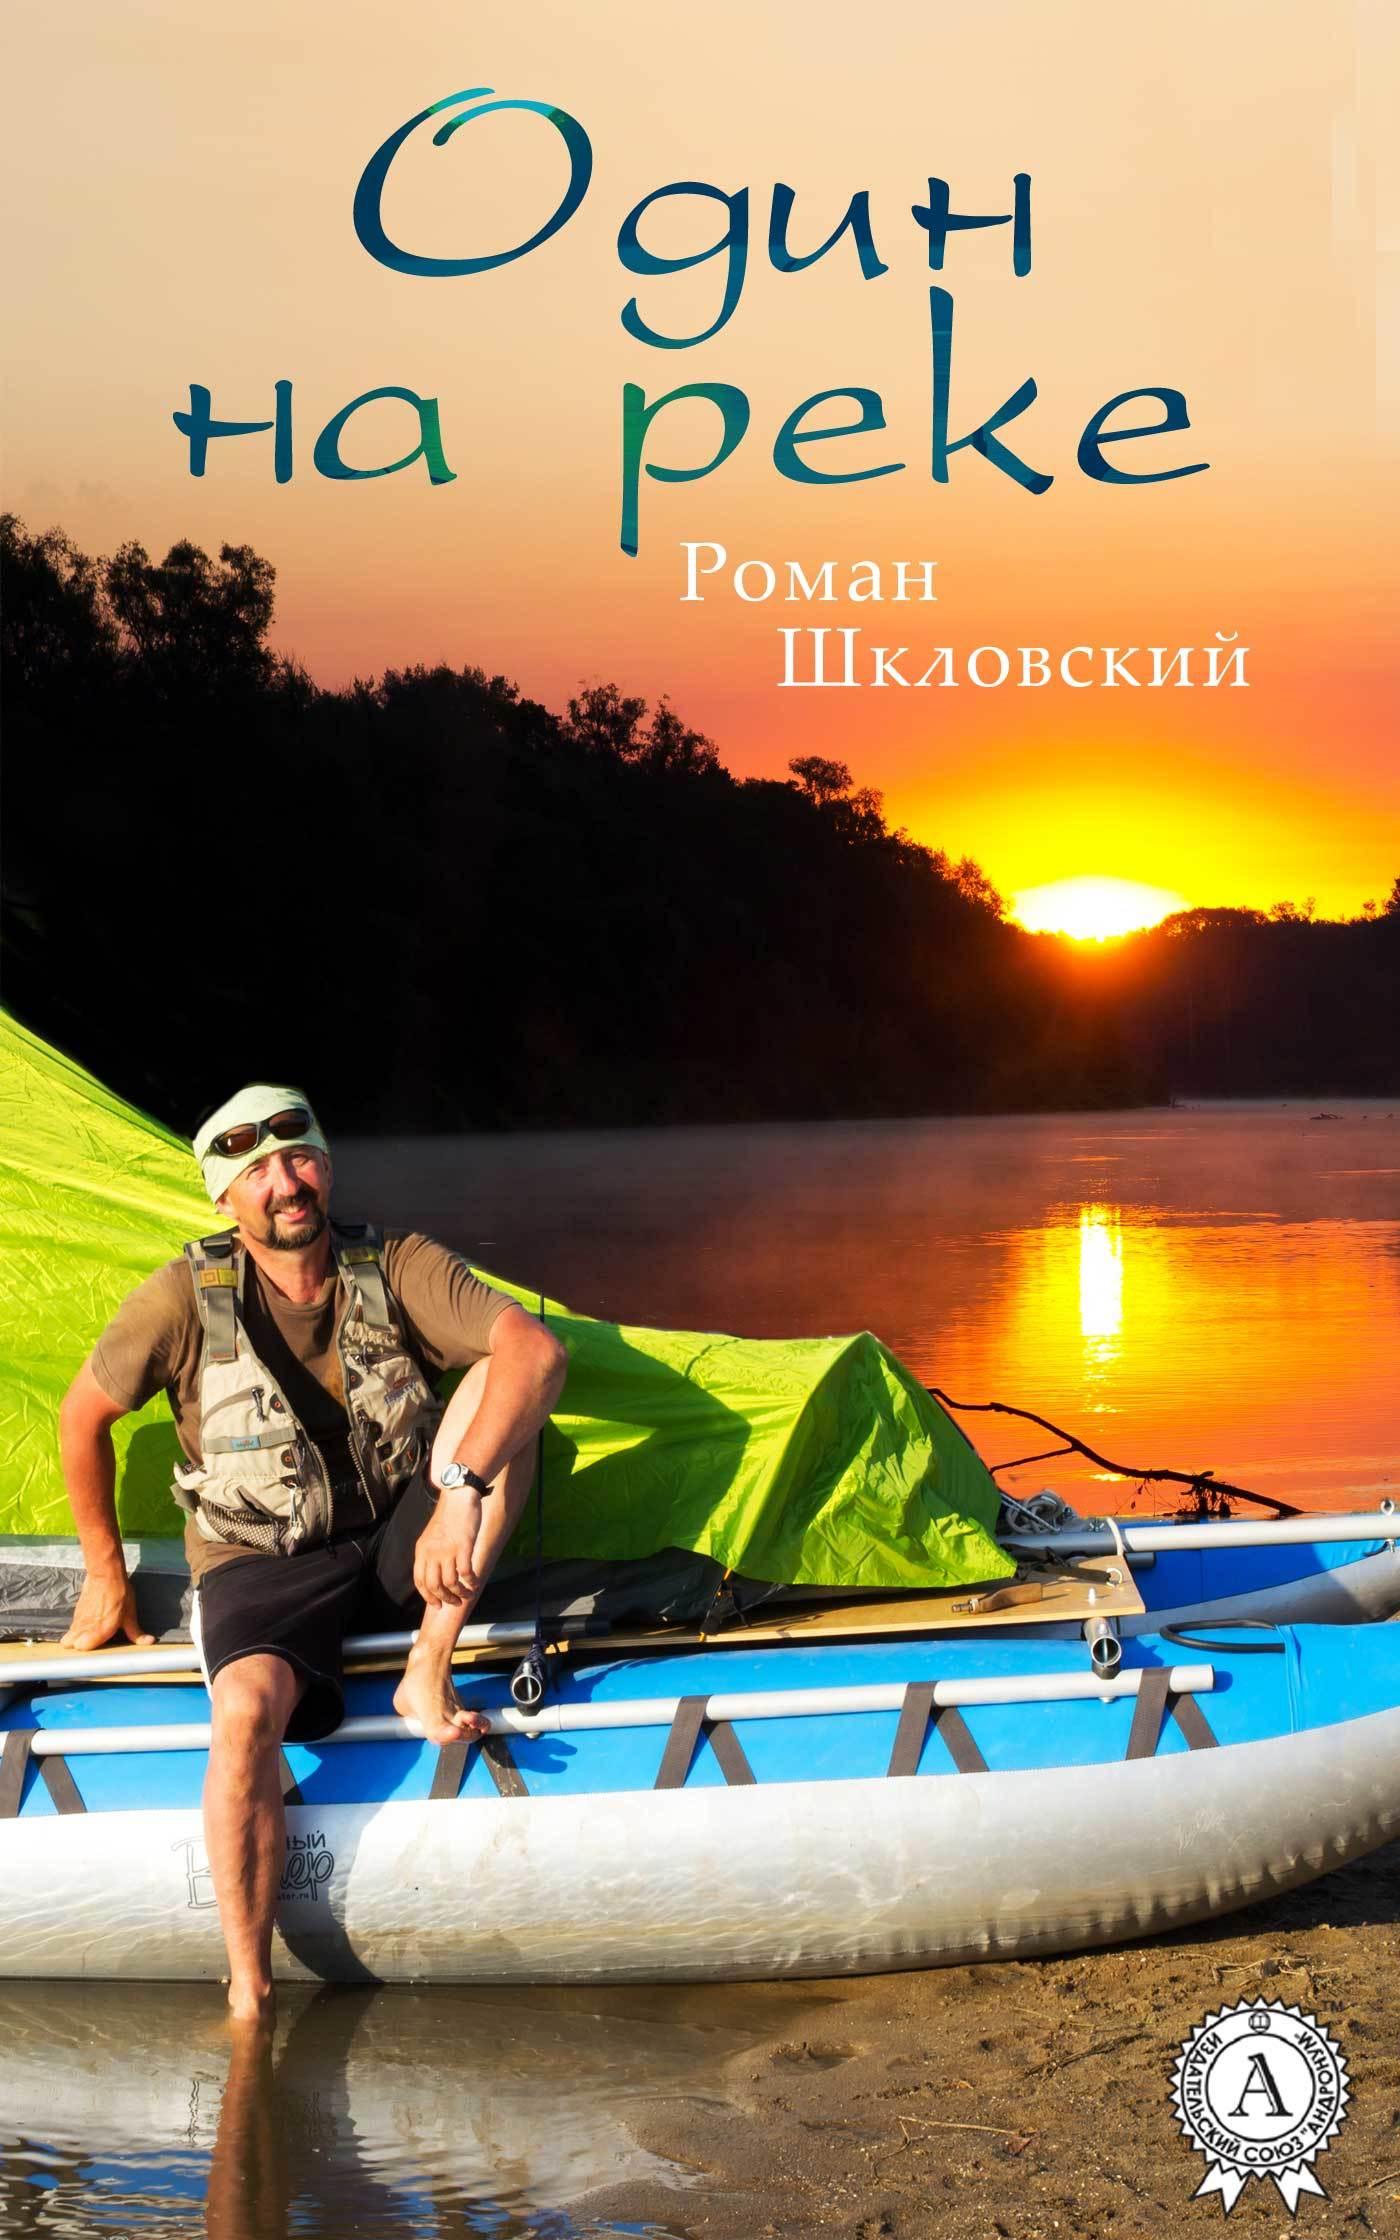 Красивая обложка книги 25/49/84/25498429.bin.dir/25498429.cover.jpg обложка